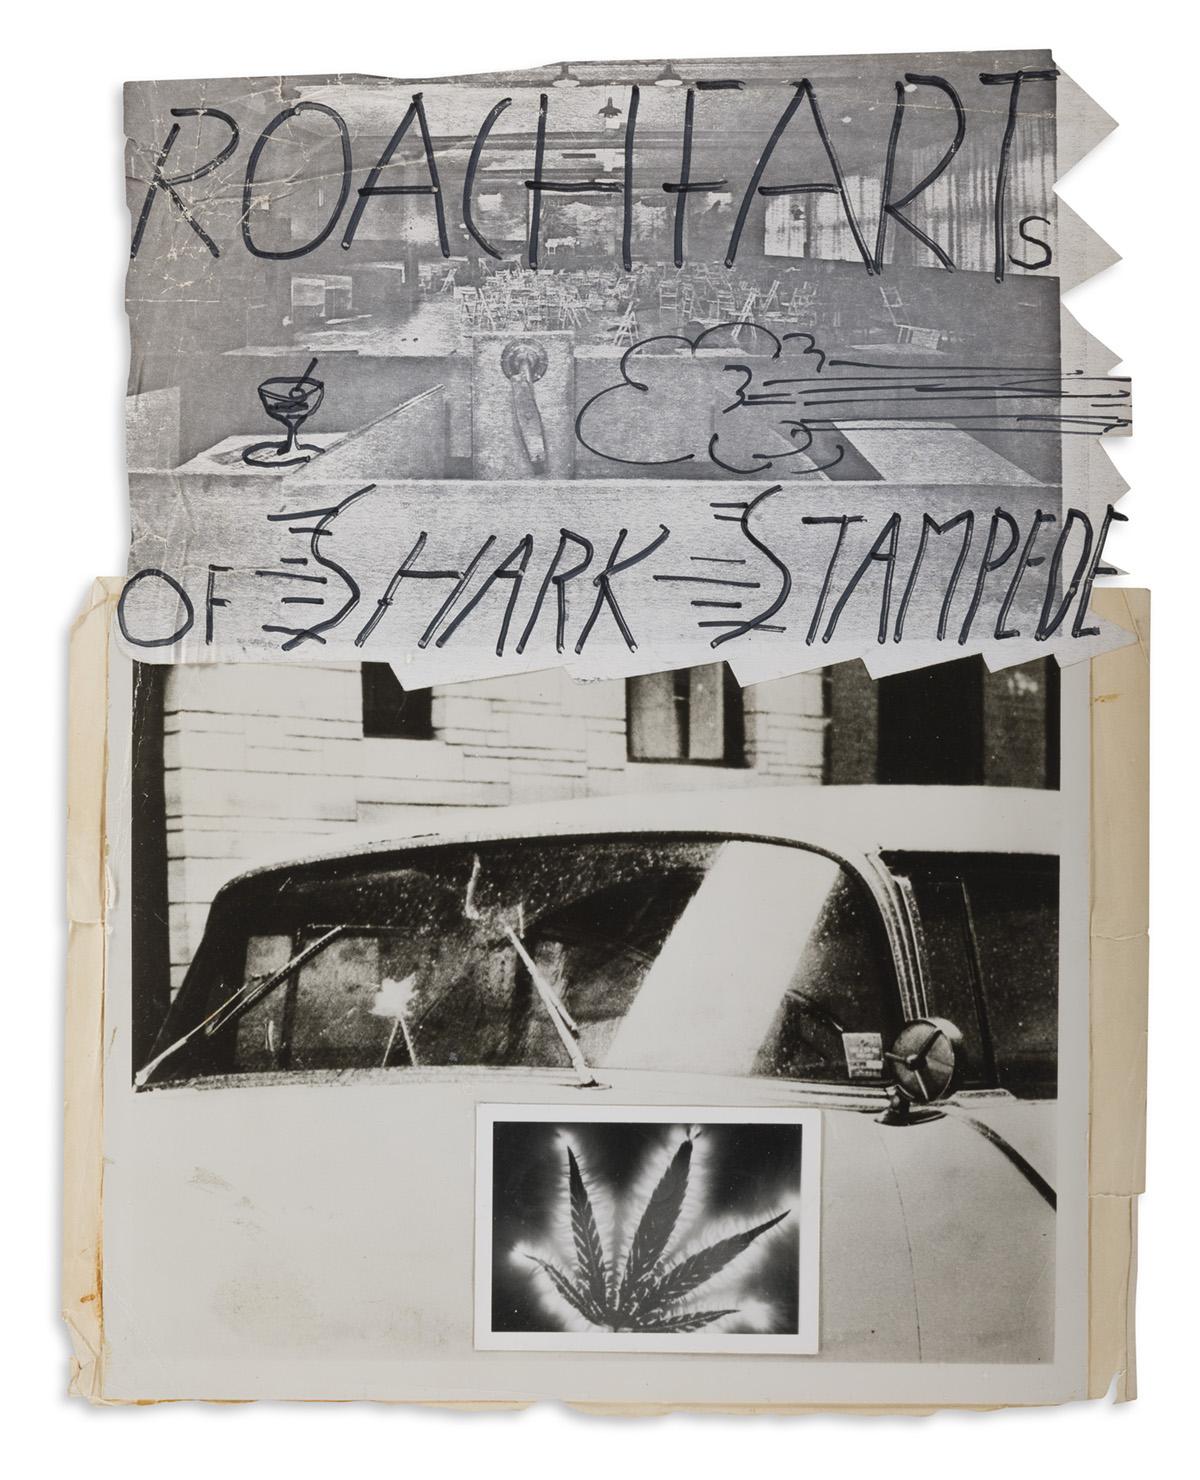 JACK SMITH (1932-1989) Roach Farts of Shark Stampede.